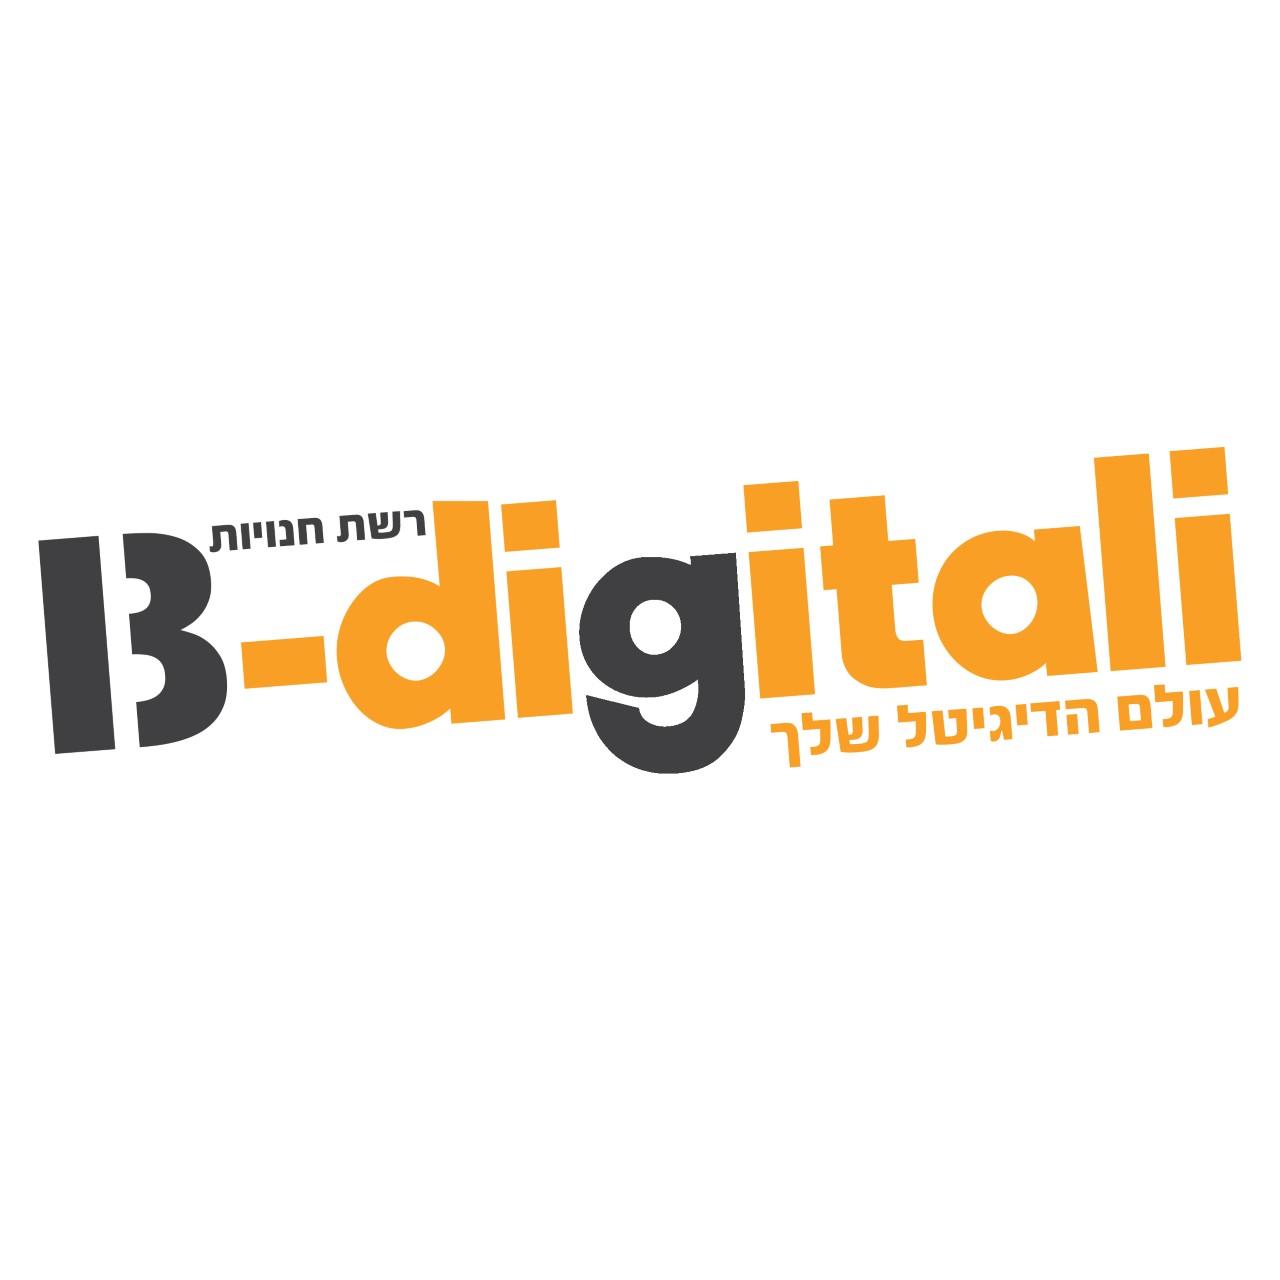 B-digitali